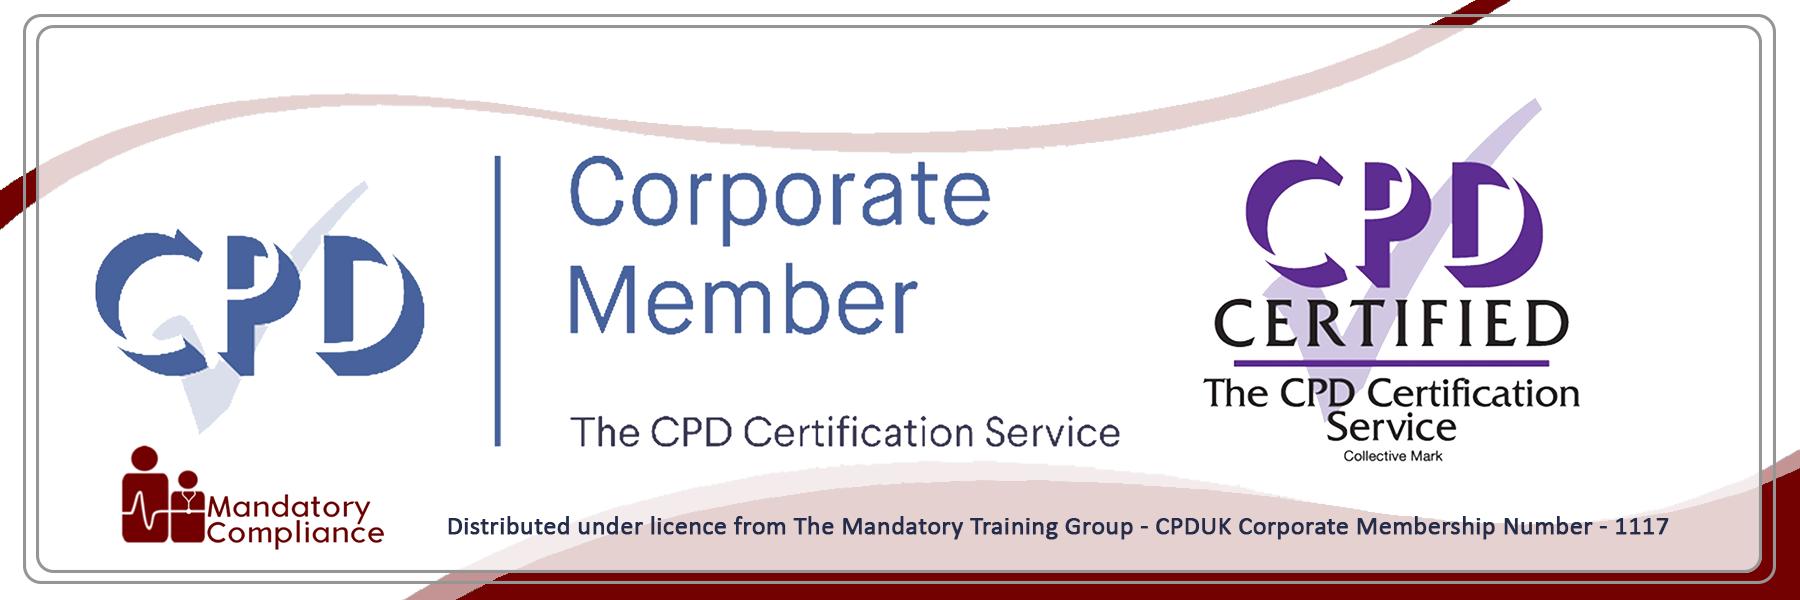 Anaphylaxis Awareness Training - Level 2 - E-Learning Courses - Mandatory Compliance UK -